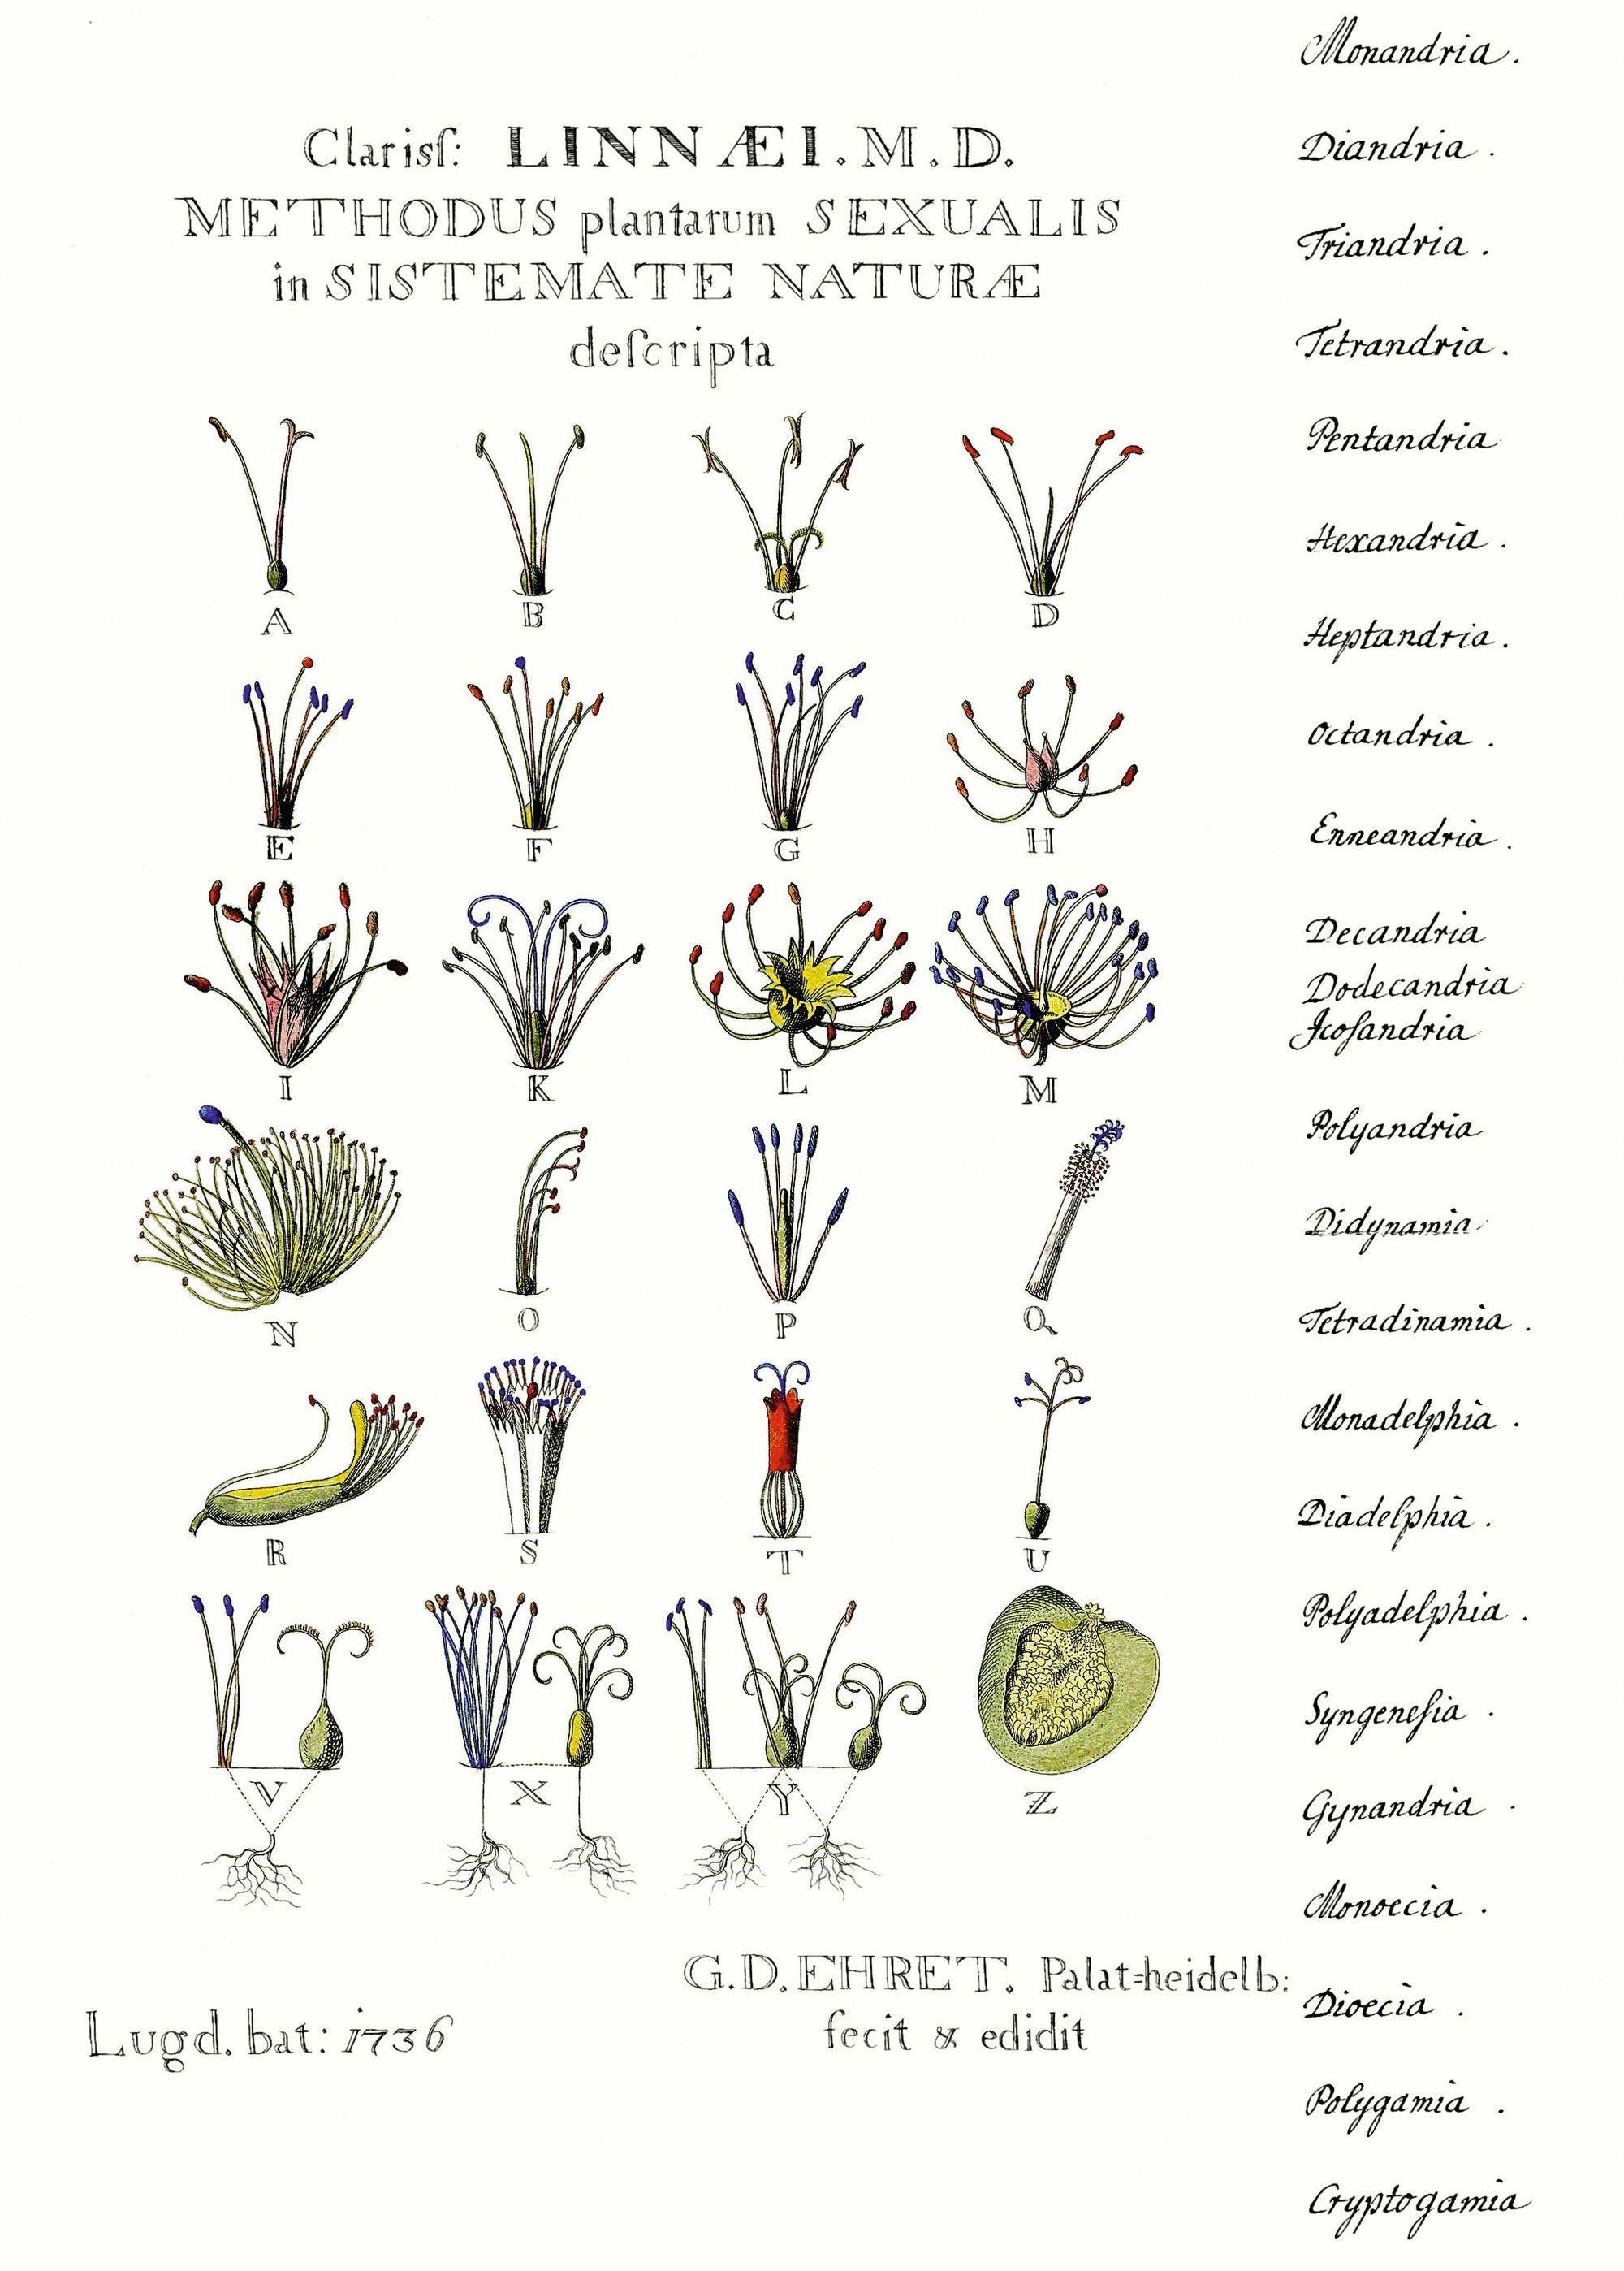 Description des organes sexuels des plantes par Linné, gravure de G. Ehret, 1736